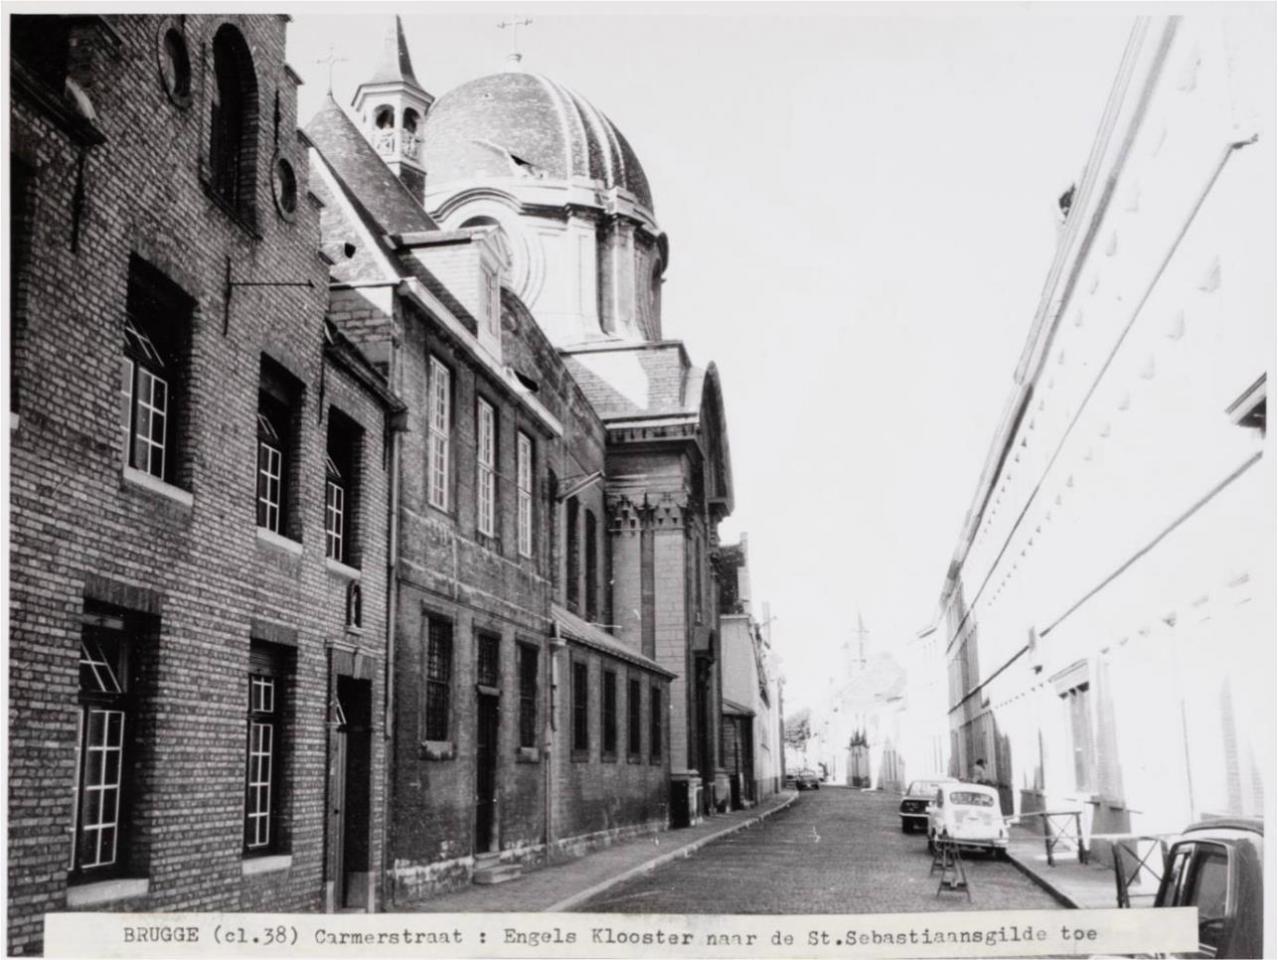 L'entrée du pensionnat dans la Carmersstraat et l'ancienne entrée de l'église